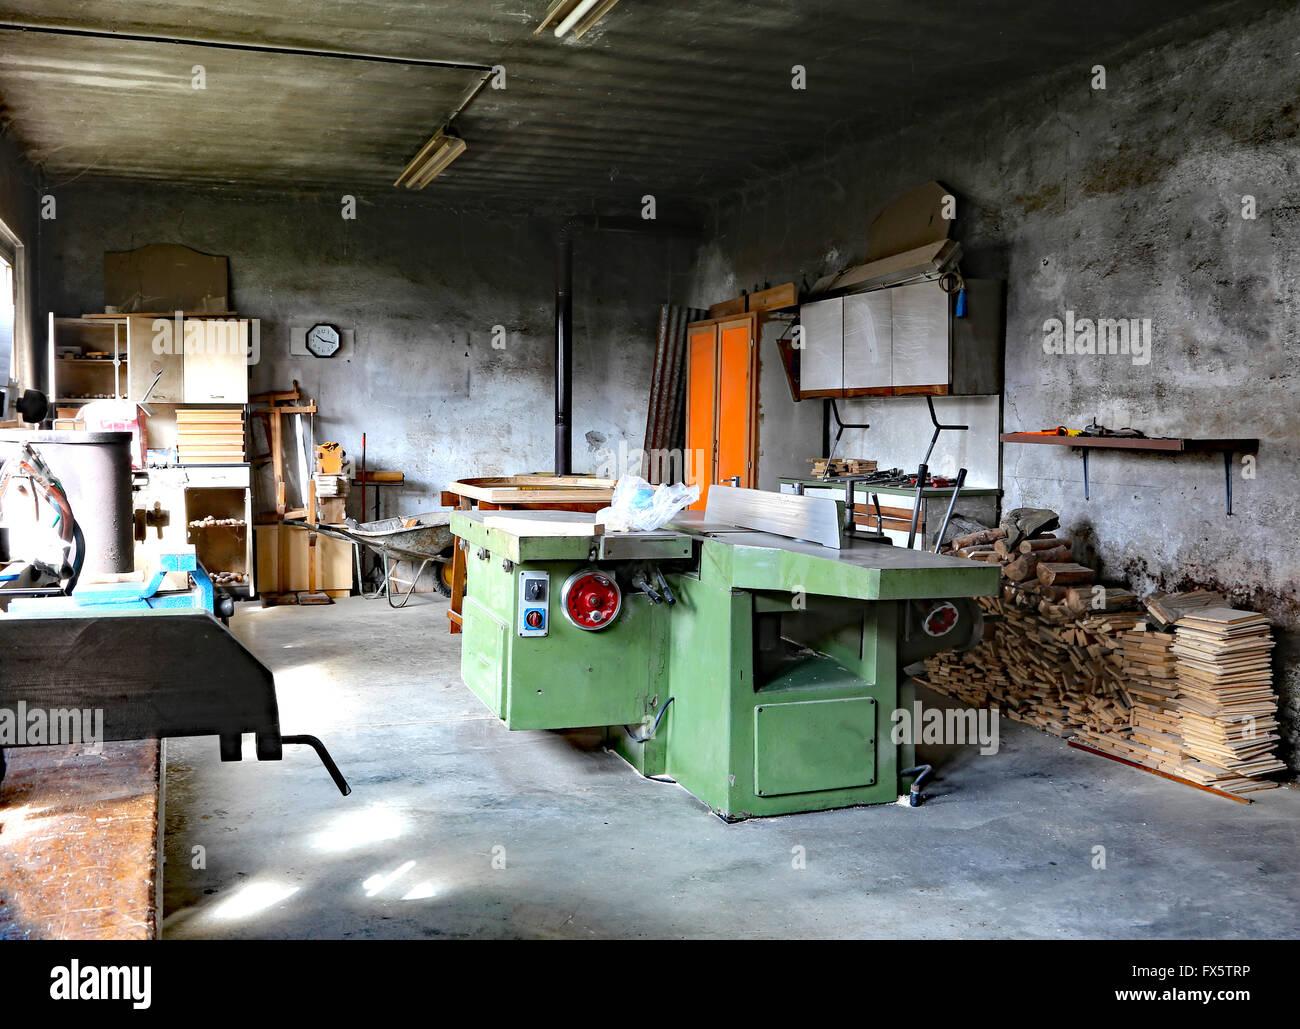 Falegnameria In Disuso Con La Grande Macchina Per Tagliare Le Tavole Di Legno Foto Stock Alamy